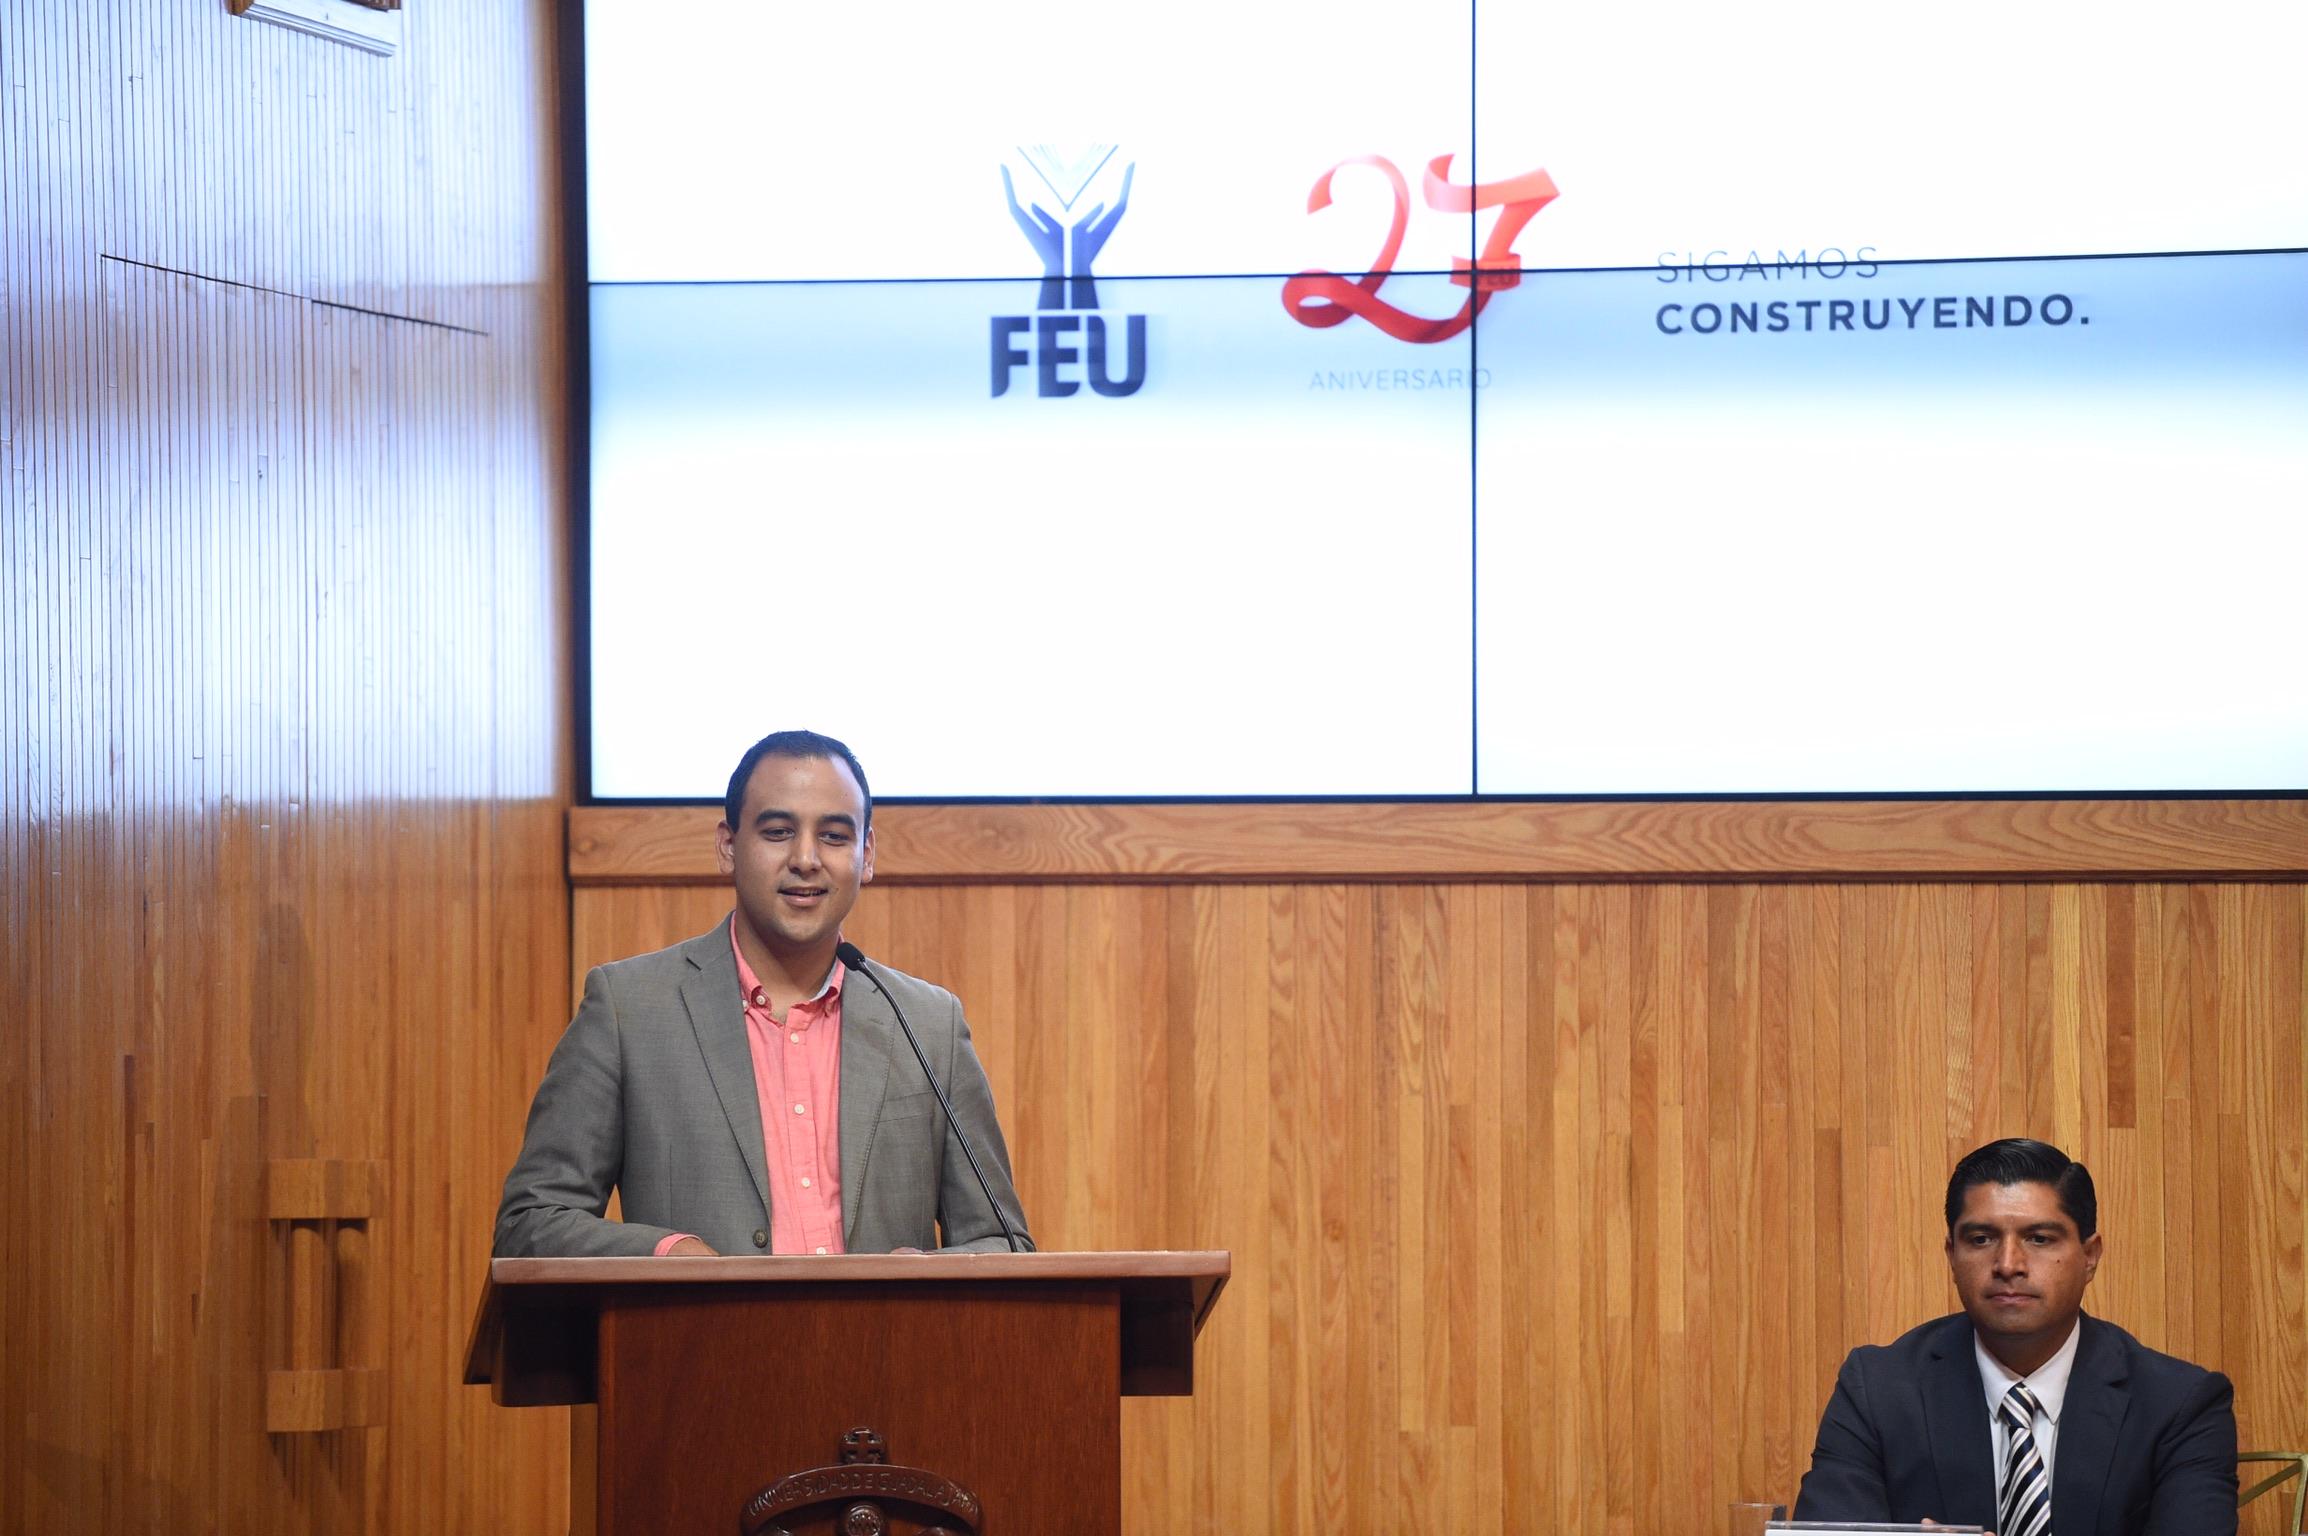 Jesús Arturo Medina Varela, Presidente de la Federación de Estudiantes Universitarios (FEU), frente al pódium haciendo uso de la voz.